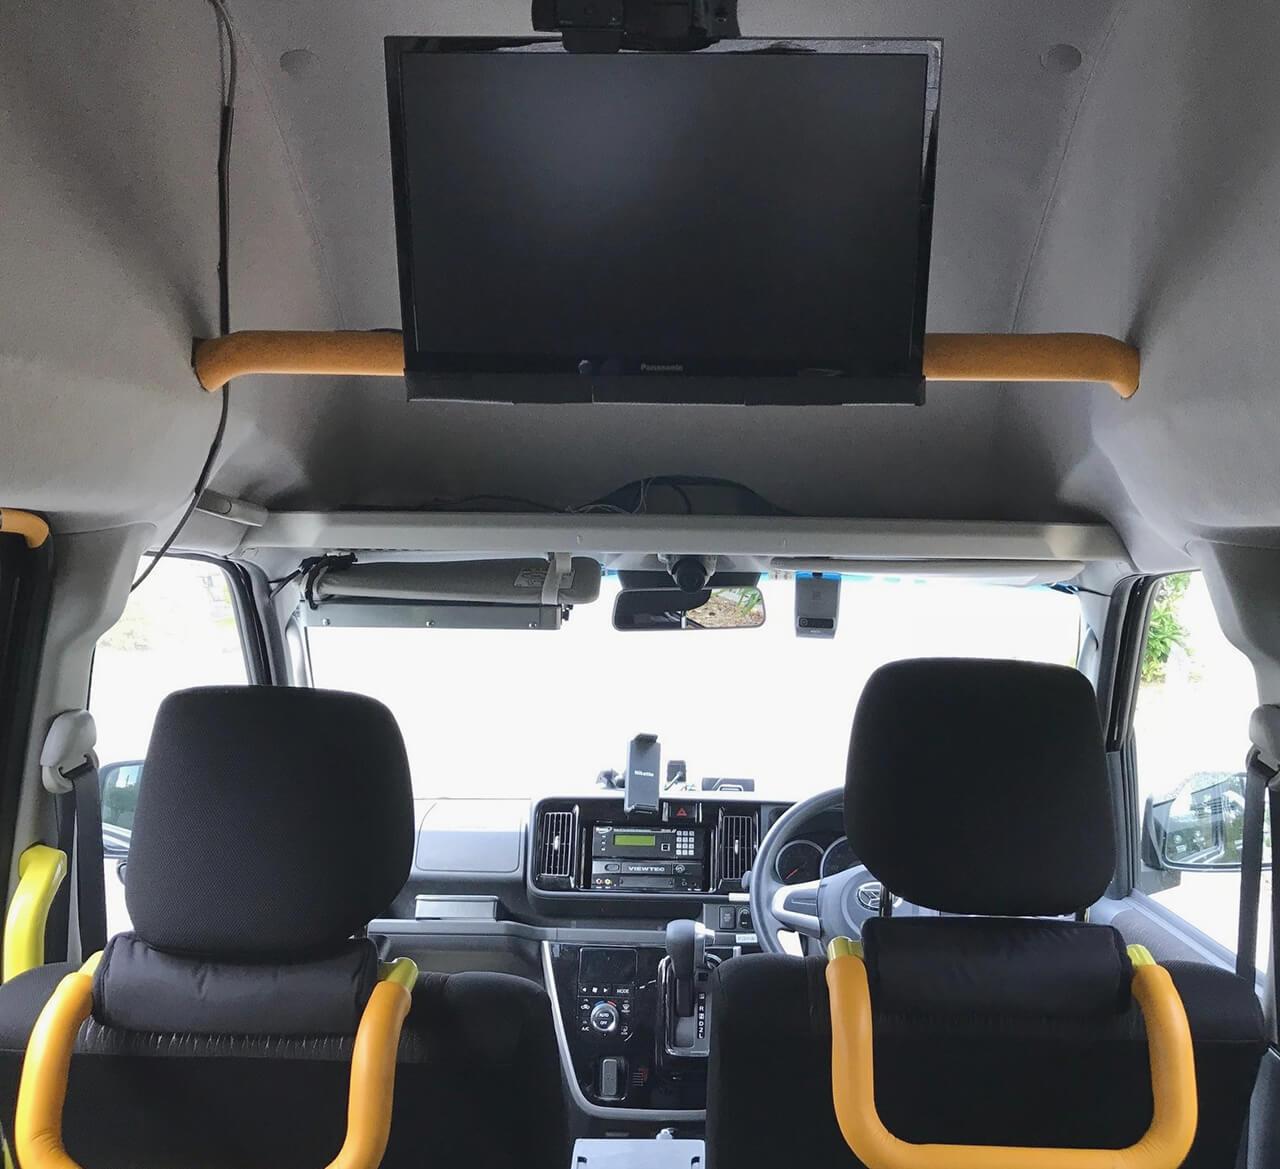 ダイハツが2019年度も「まちなか自動移動サービス事業構想コンソーシアム」の実証実験に参画